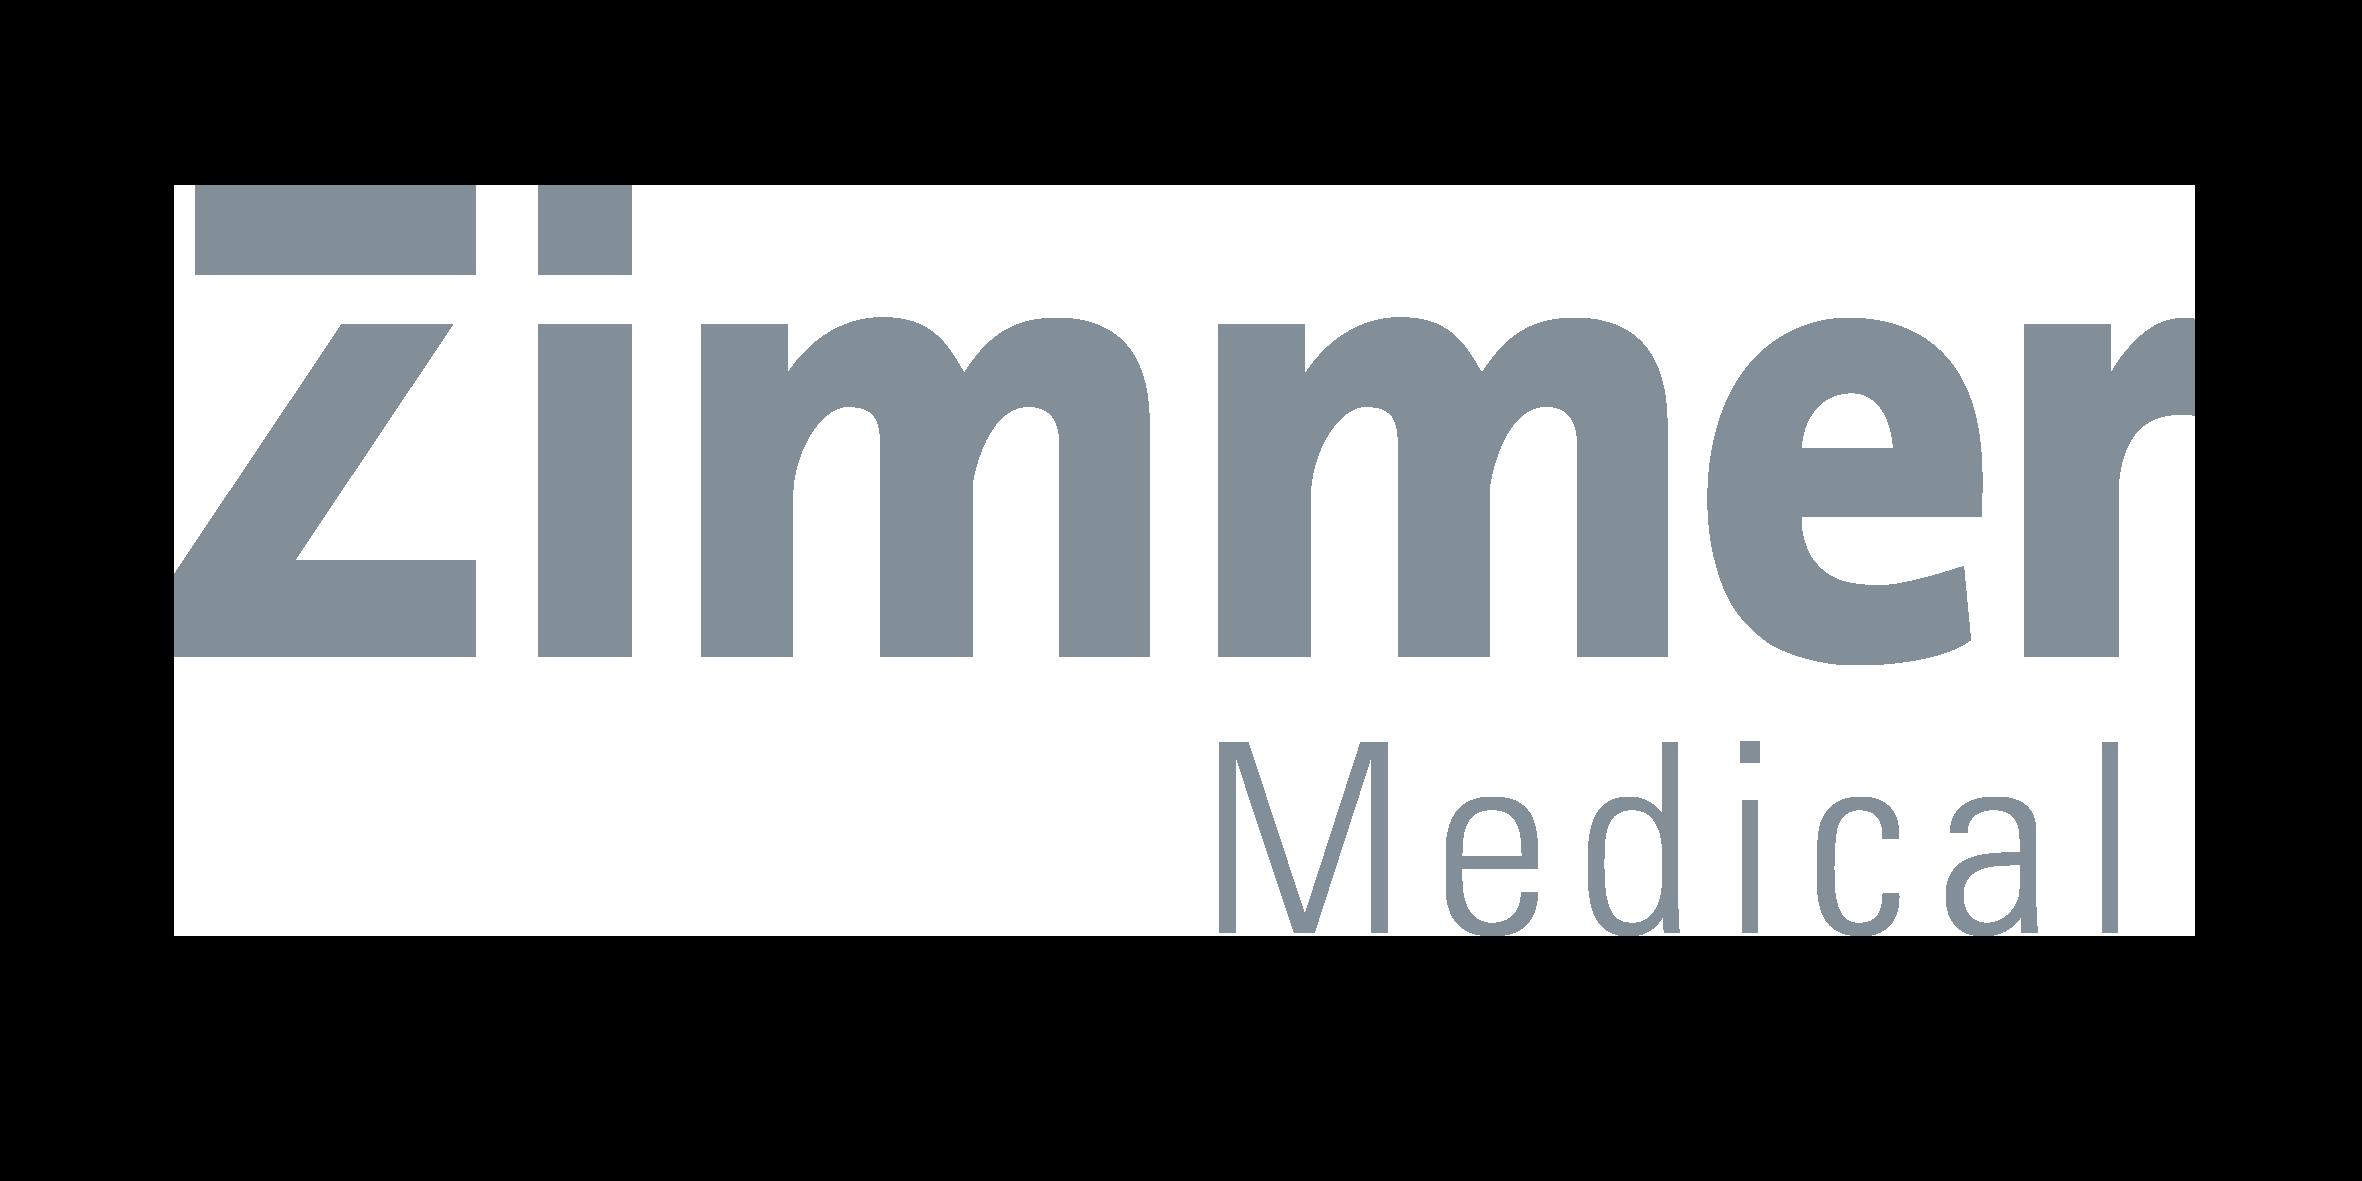 Zimmer Medical